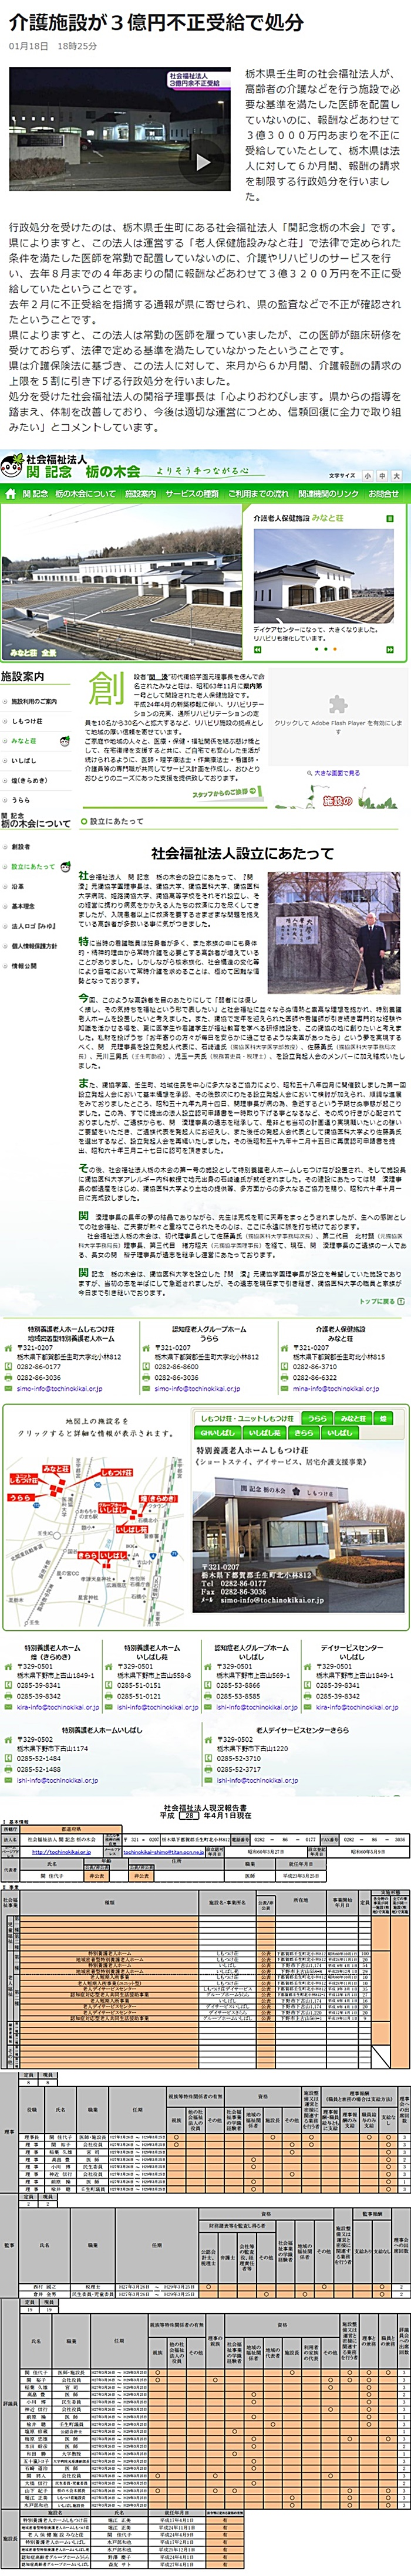 社会福祉法人 関 記念 栃の木会